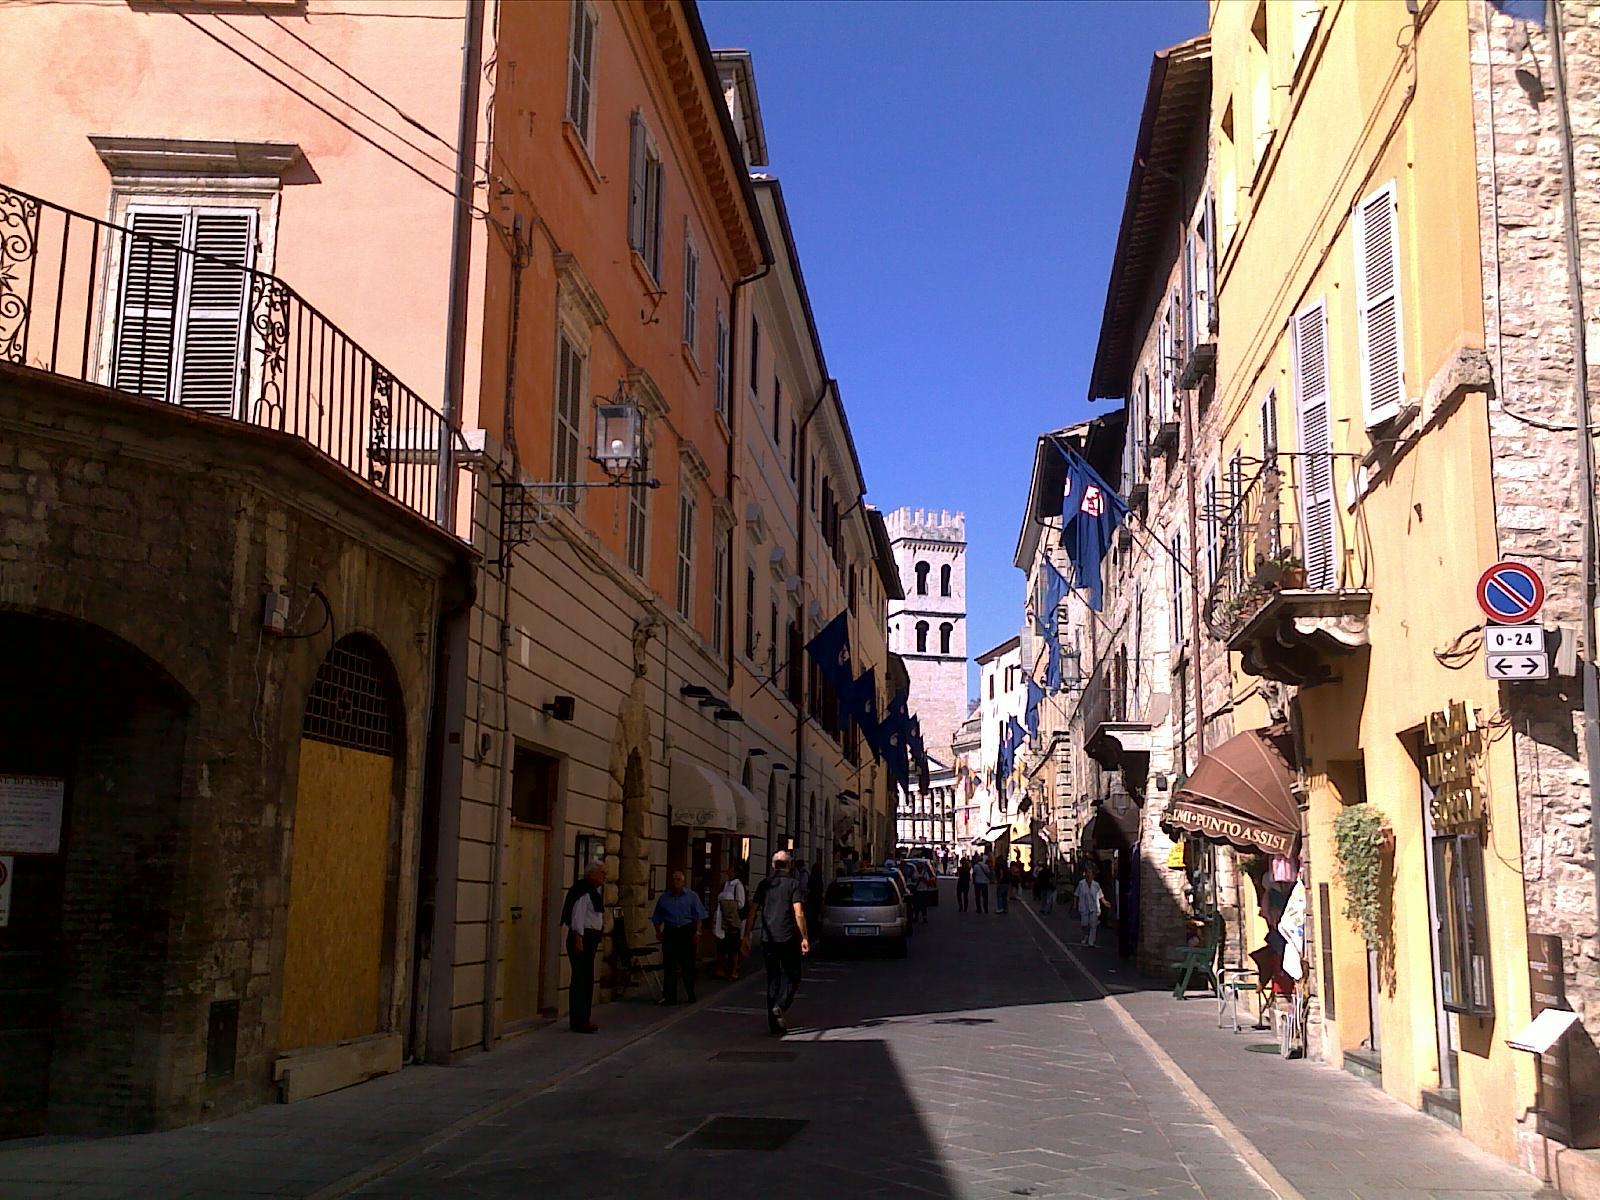 Vendita Appartamento Assisi / Sell Apartment Assisi – Corso Mazzini